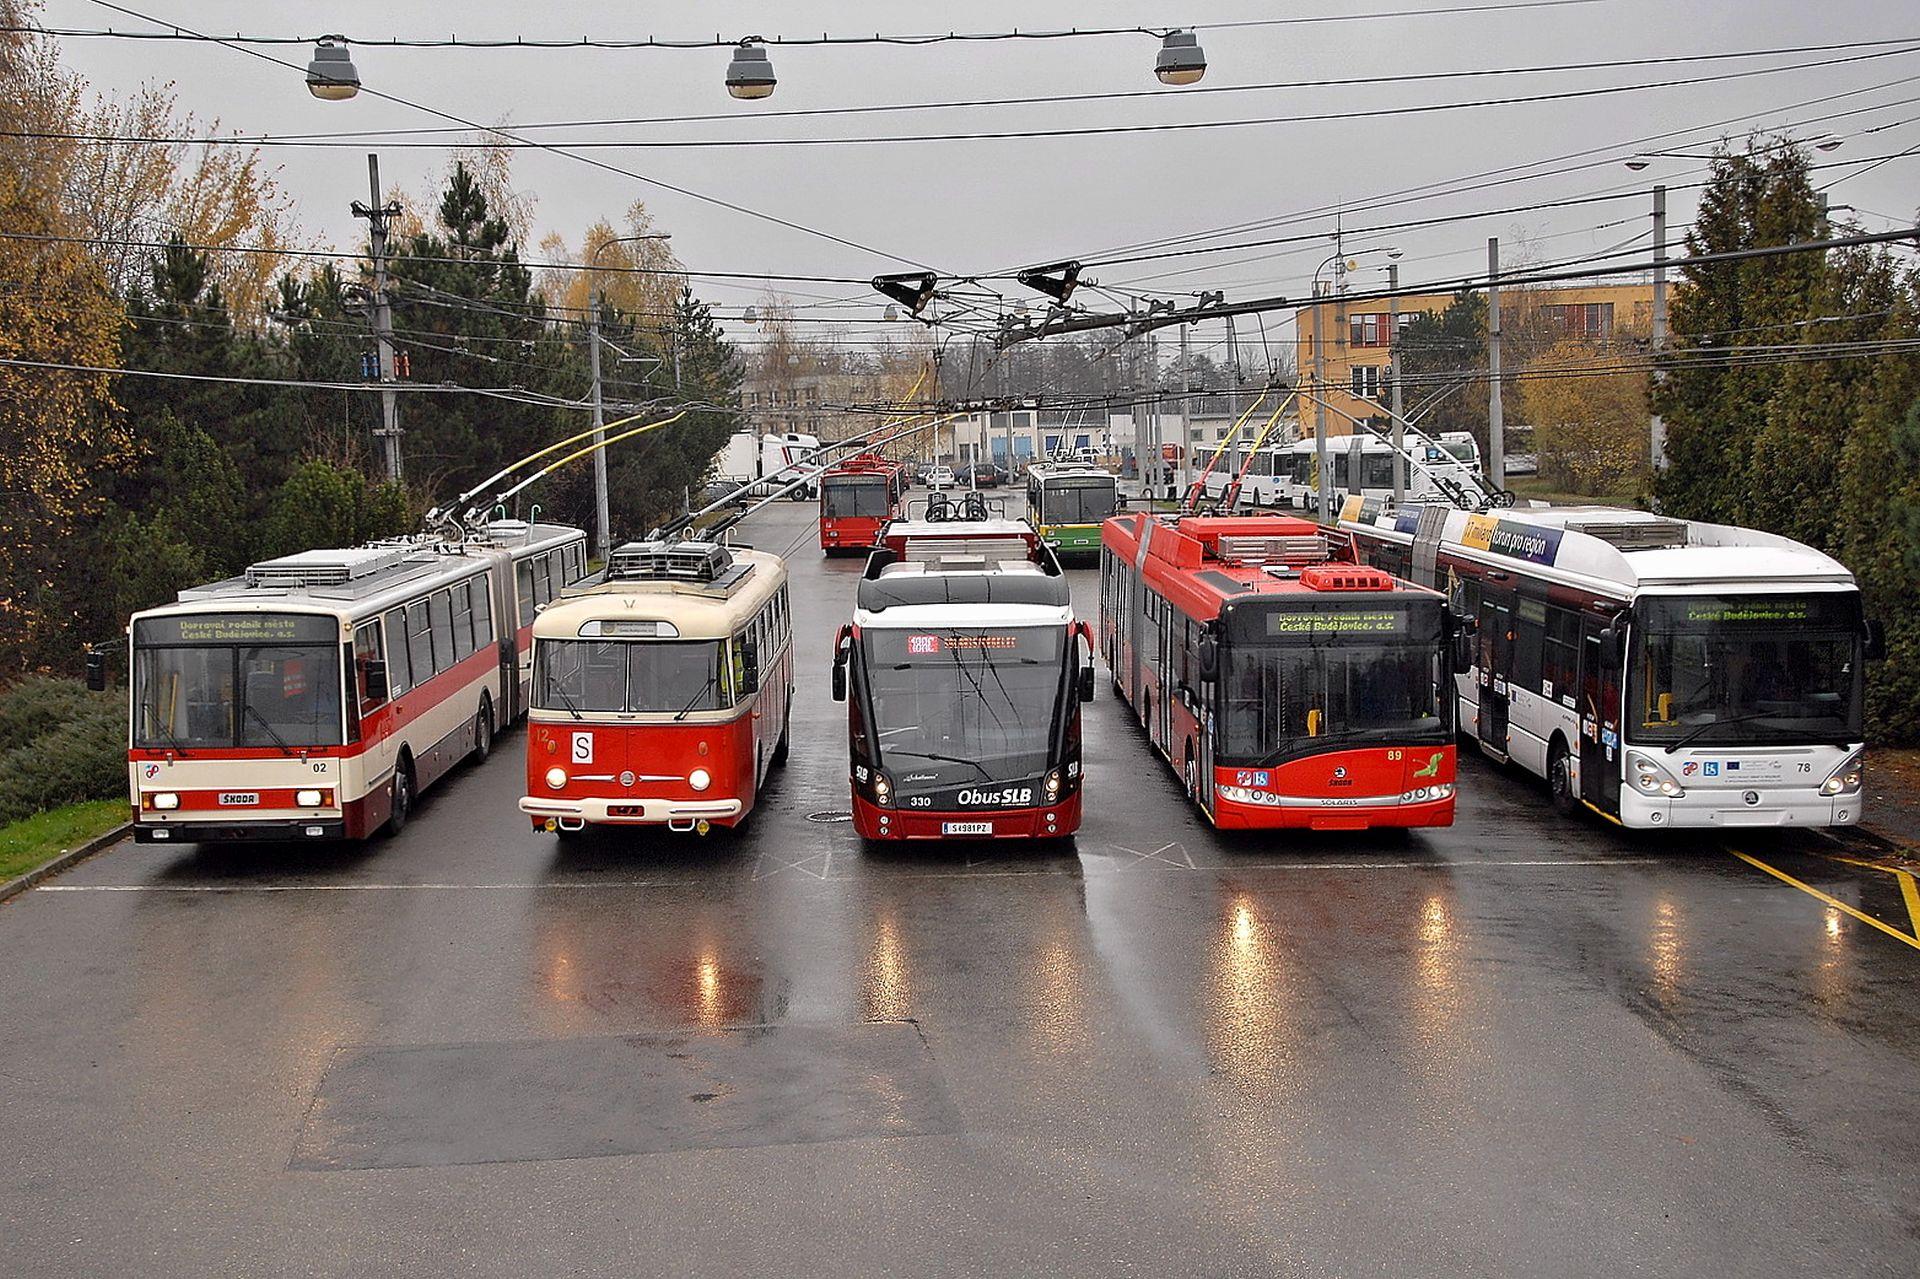 Trolejbusy v českobudějovické vozovně. Foto: Michal Chrást